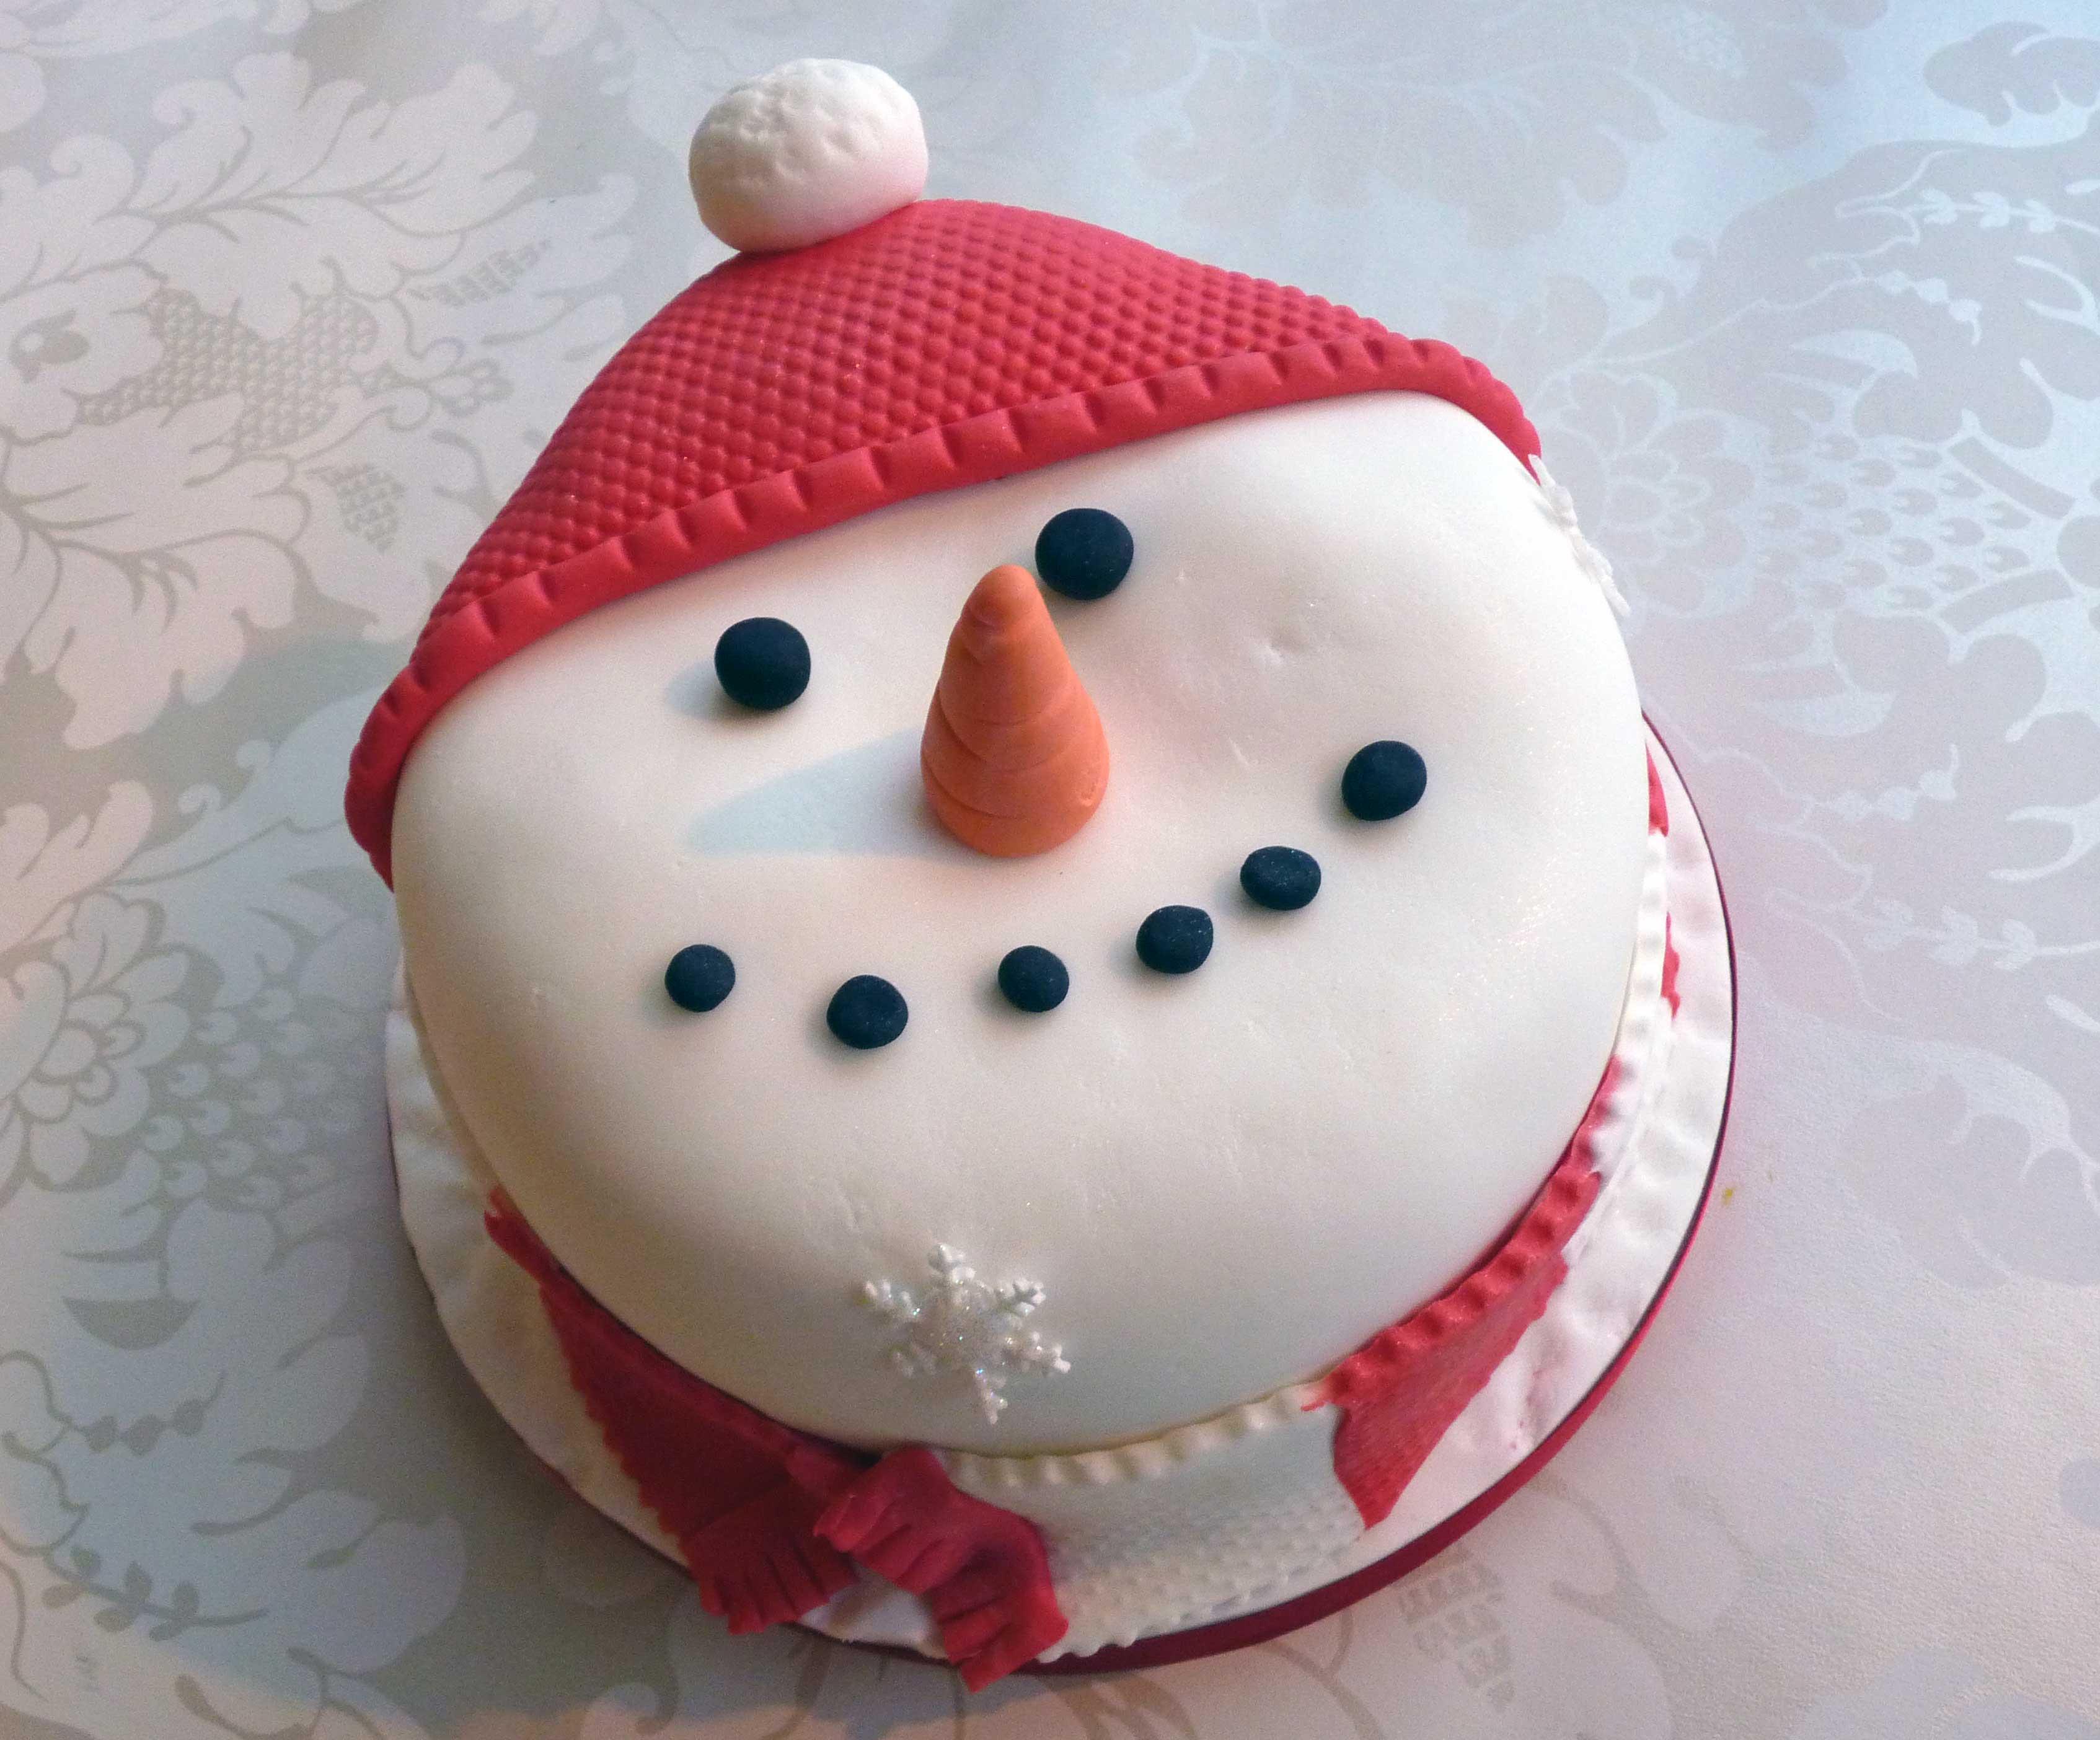 Snowman Cakes Decoration Ideas